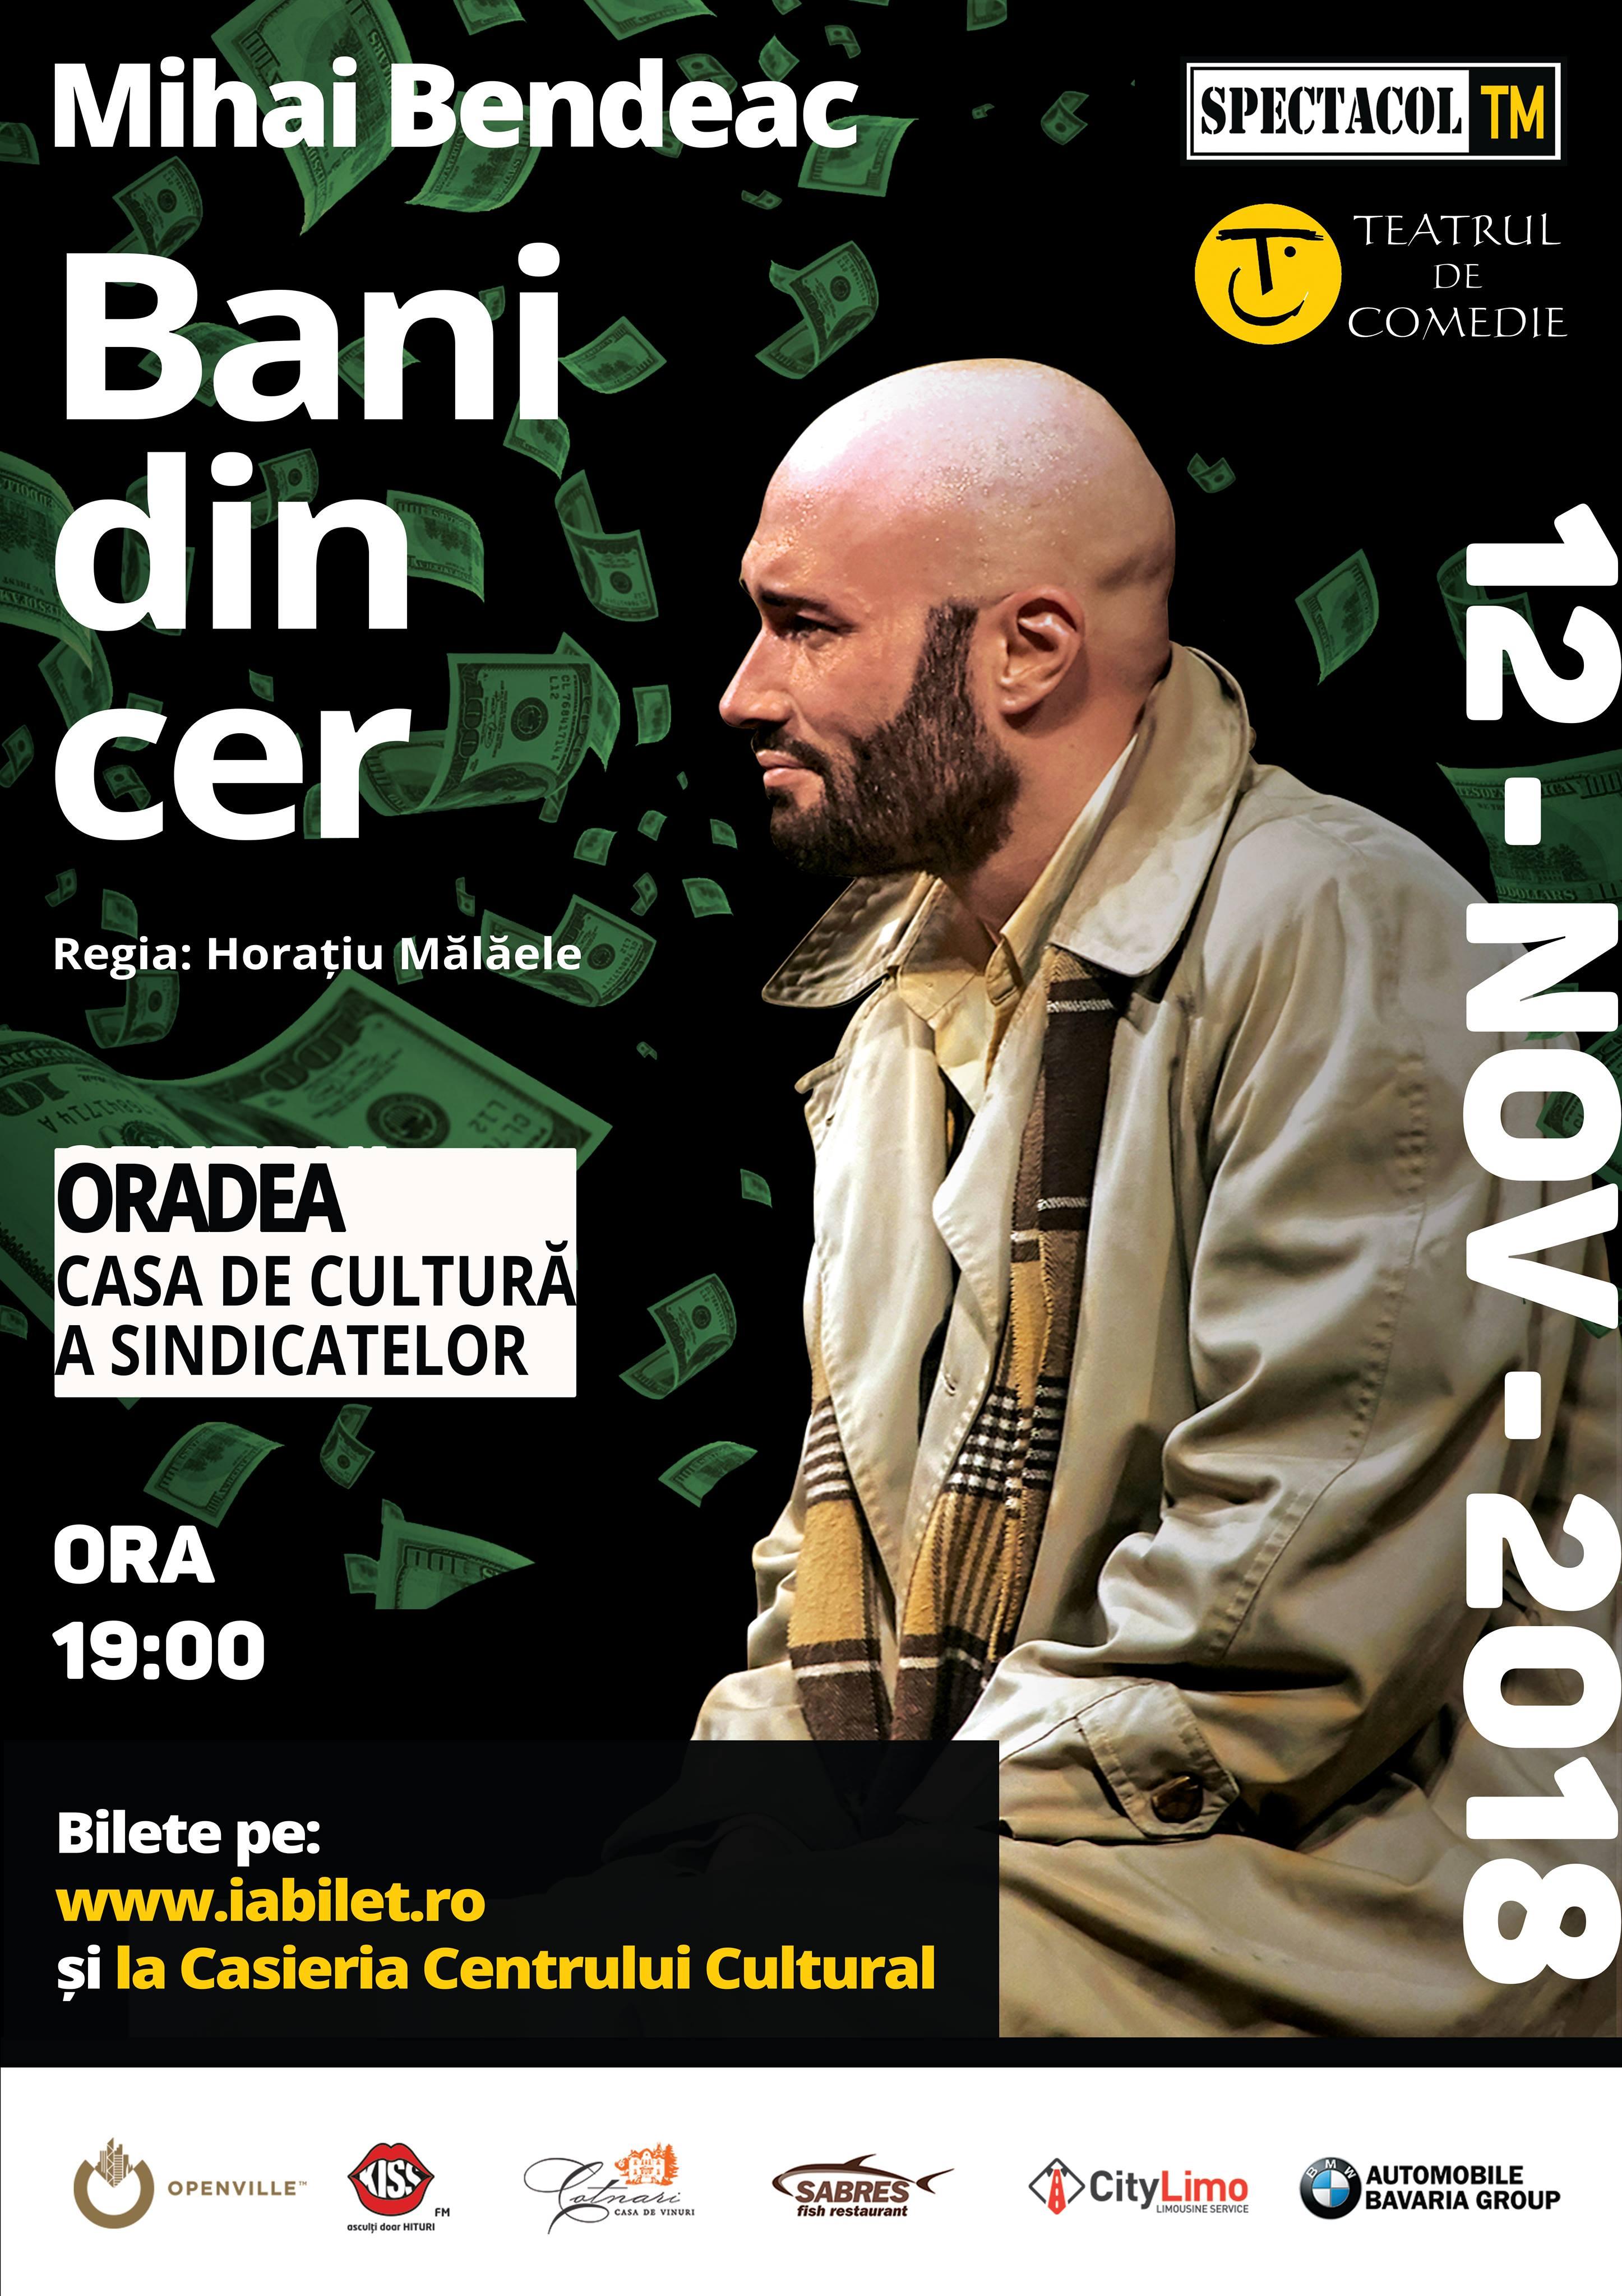 banidincer Oradea